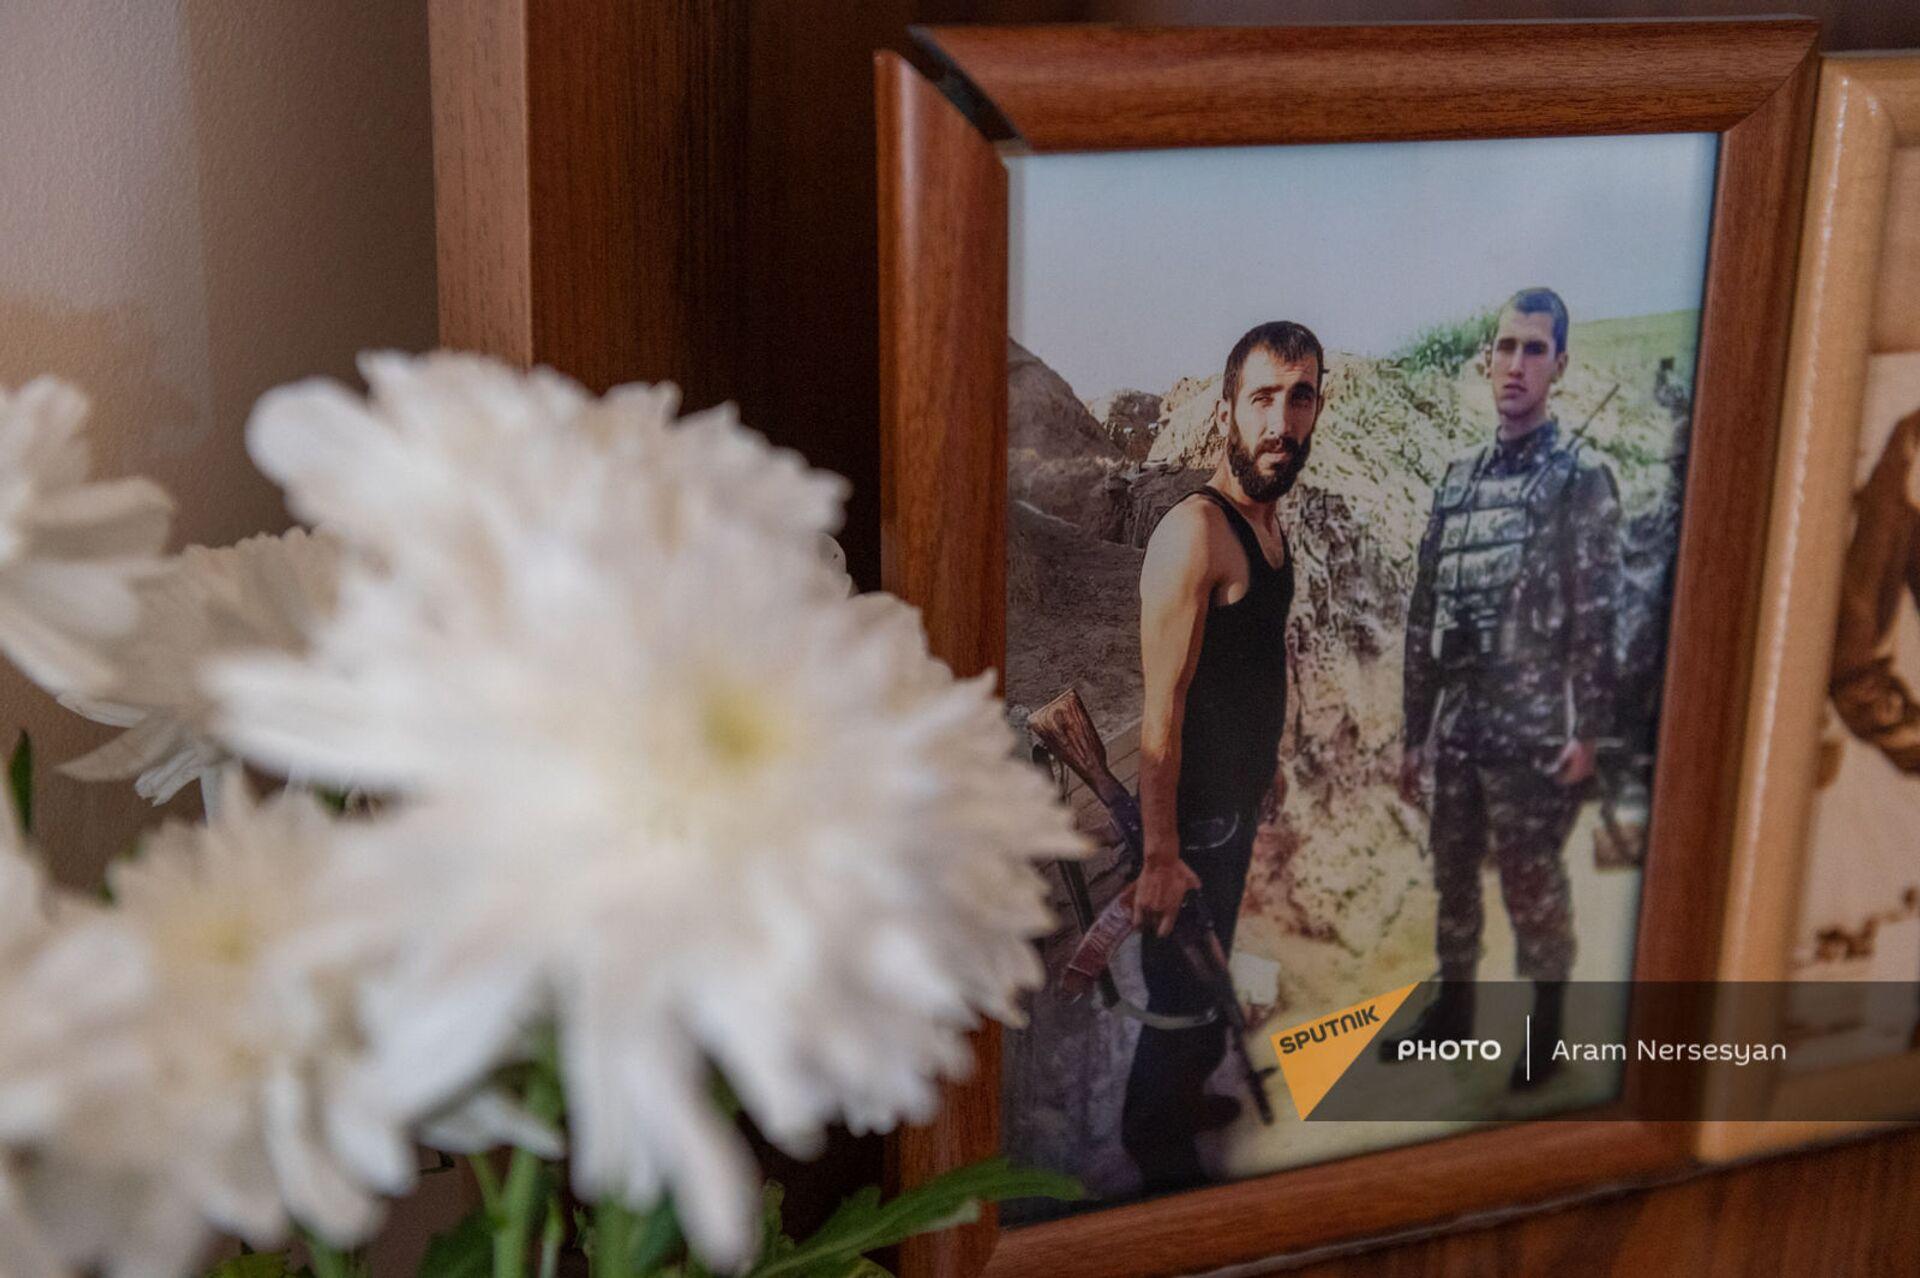 Фотография братьев Анании и Айка Арамянов с карабахской войны в уголке памяти Анании Арамяна - Sputnik Армения, 1920, 14.09.2021